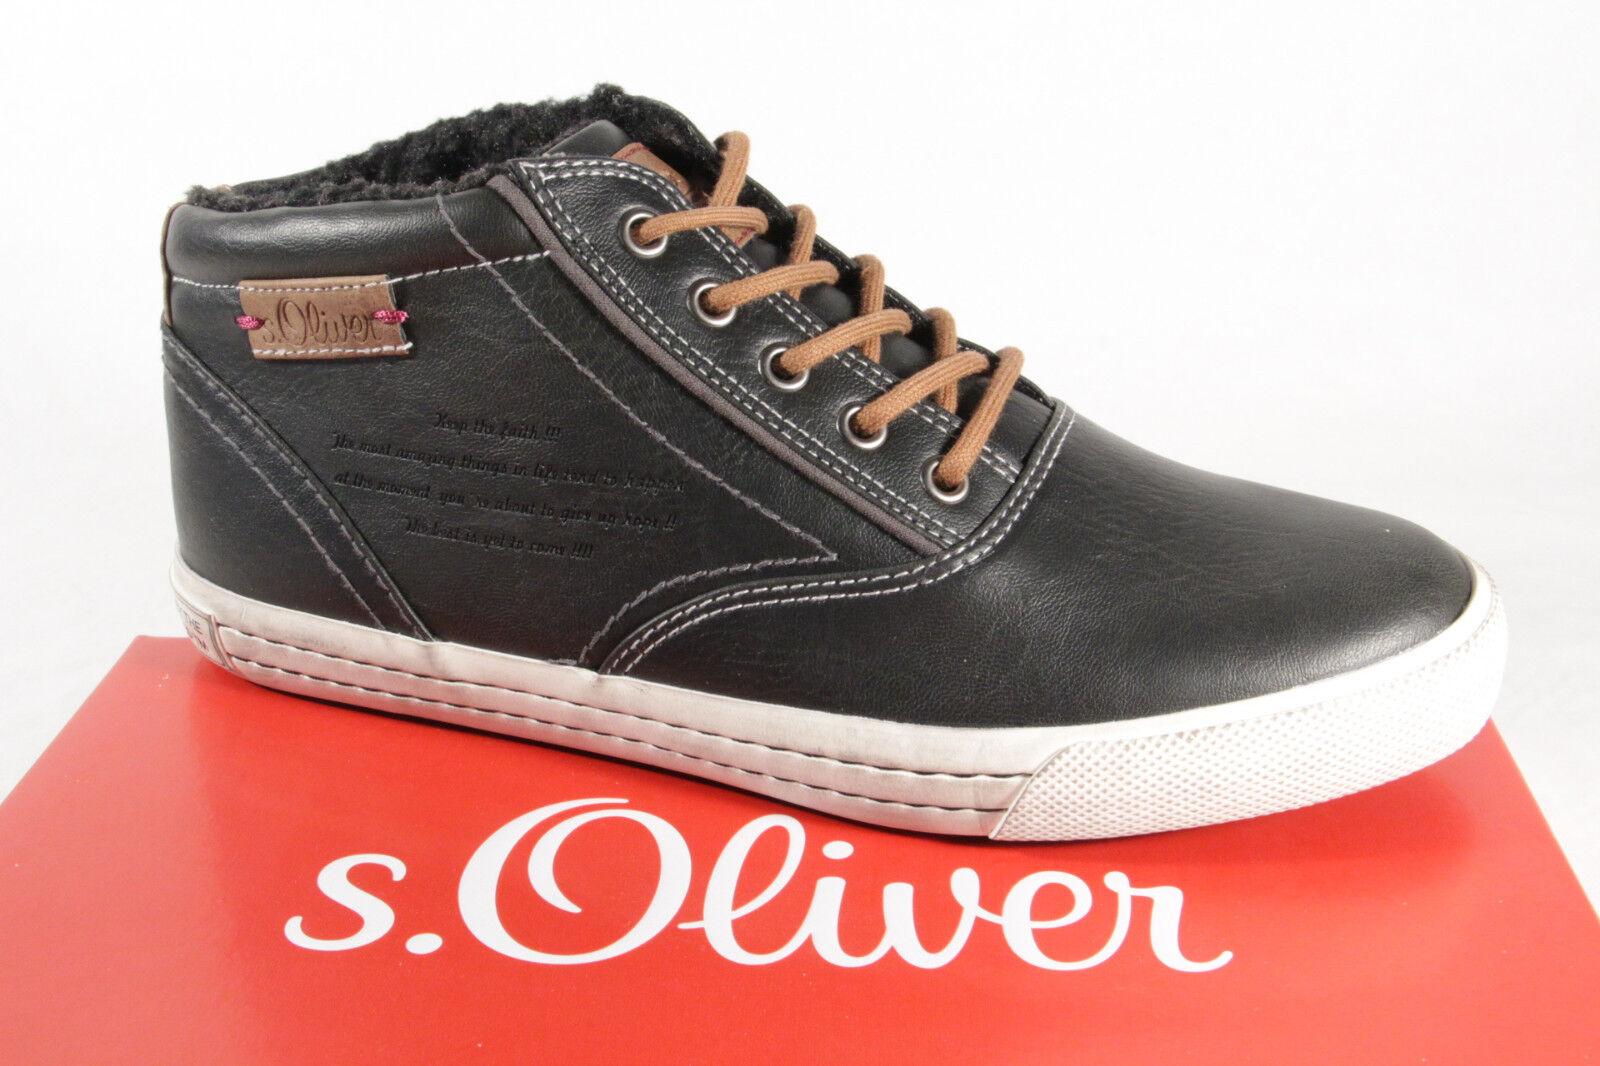 s.Oliver 46240 Schnürstiefel Stiefel  Boots  schwarz  NEU